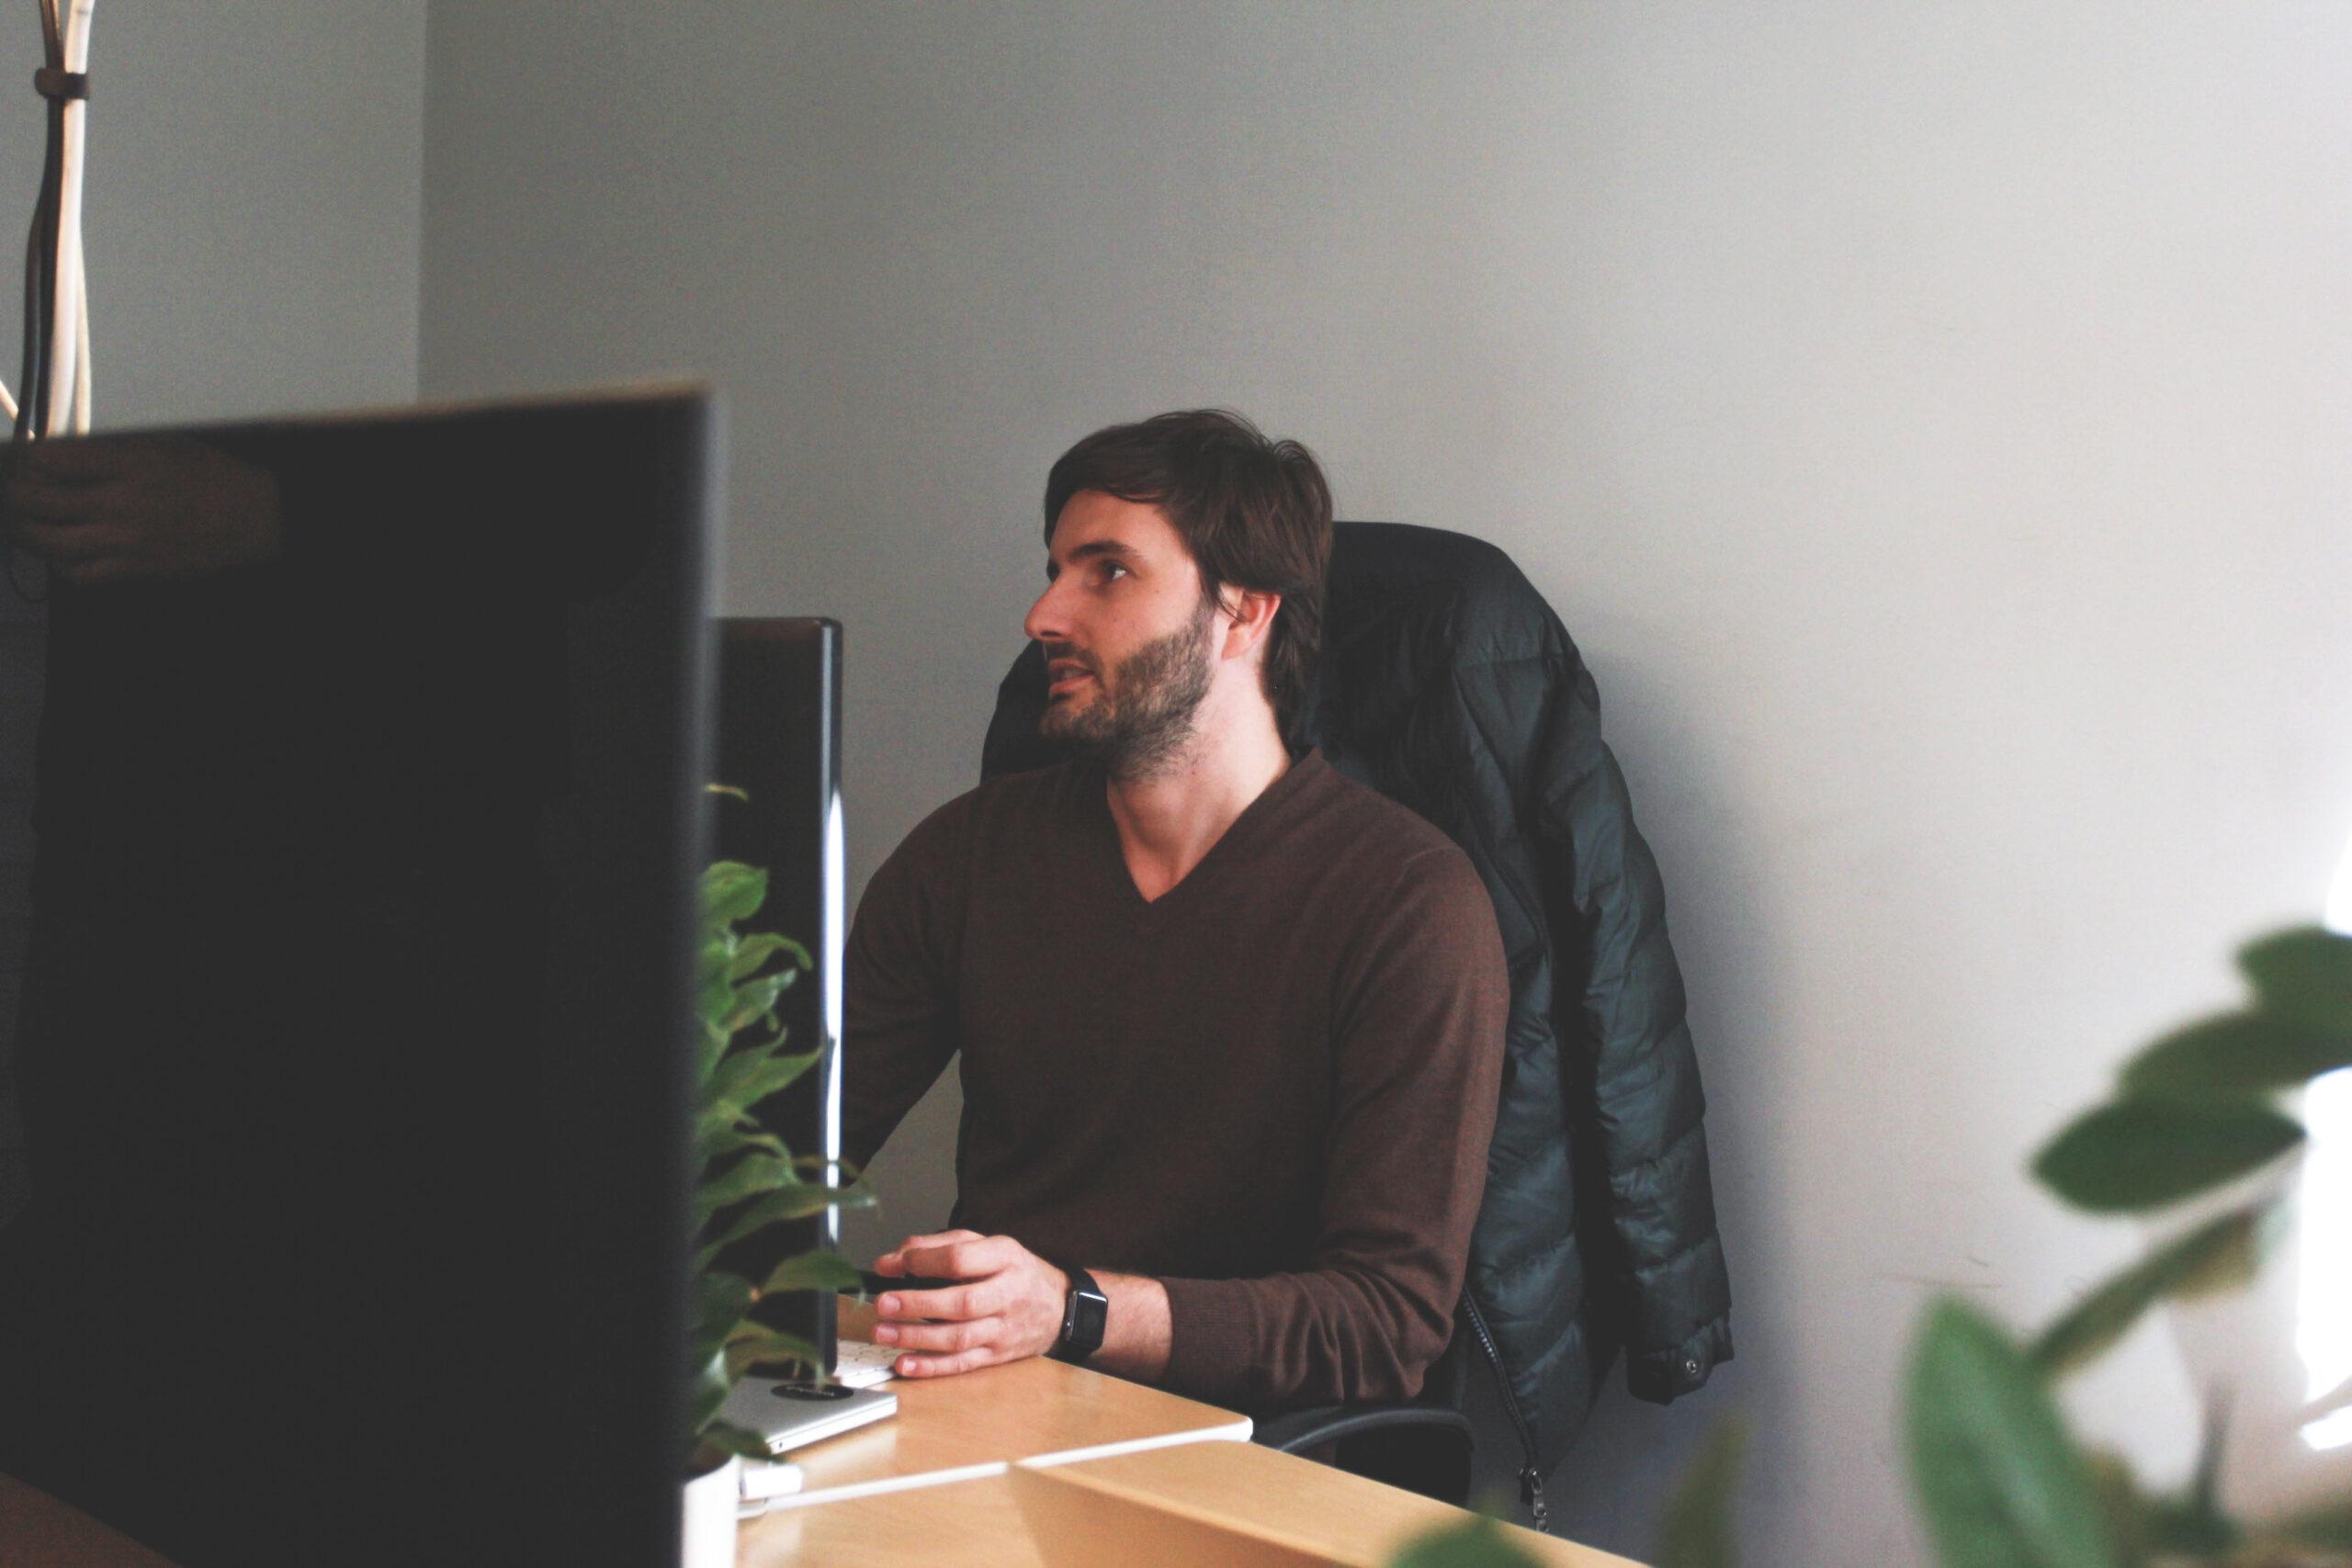 Apiumhub es un hub tecnológico afincado en Barcelona enfocado a ser un espacio seguro para el crecimiento de desarrolladores de software.